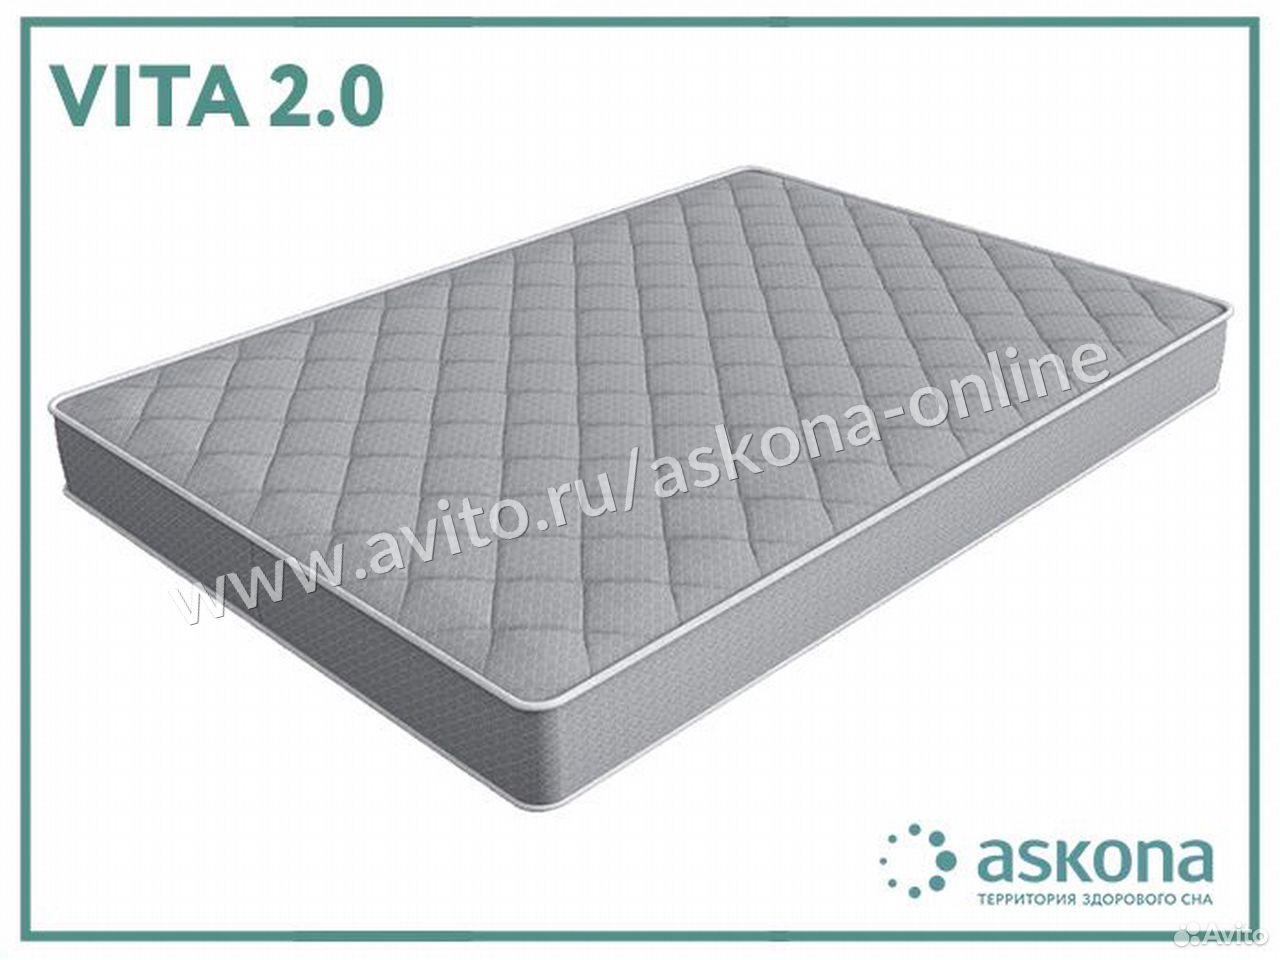 Матрасы Askona Vita 2  89962296213 купить 2